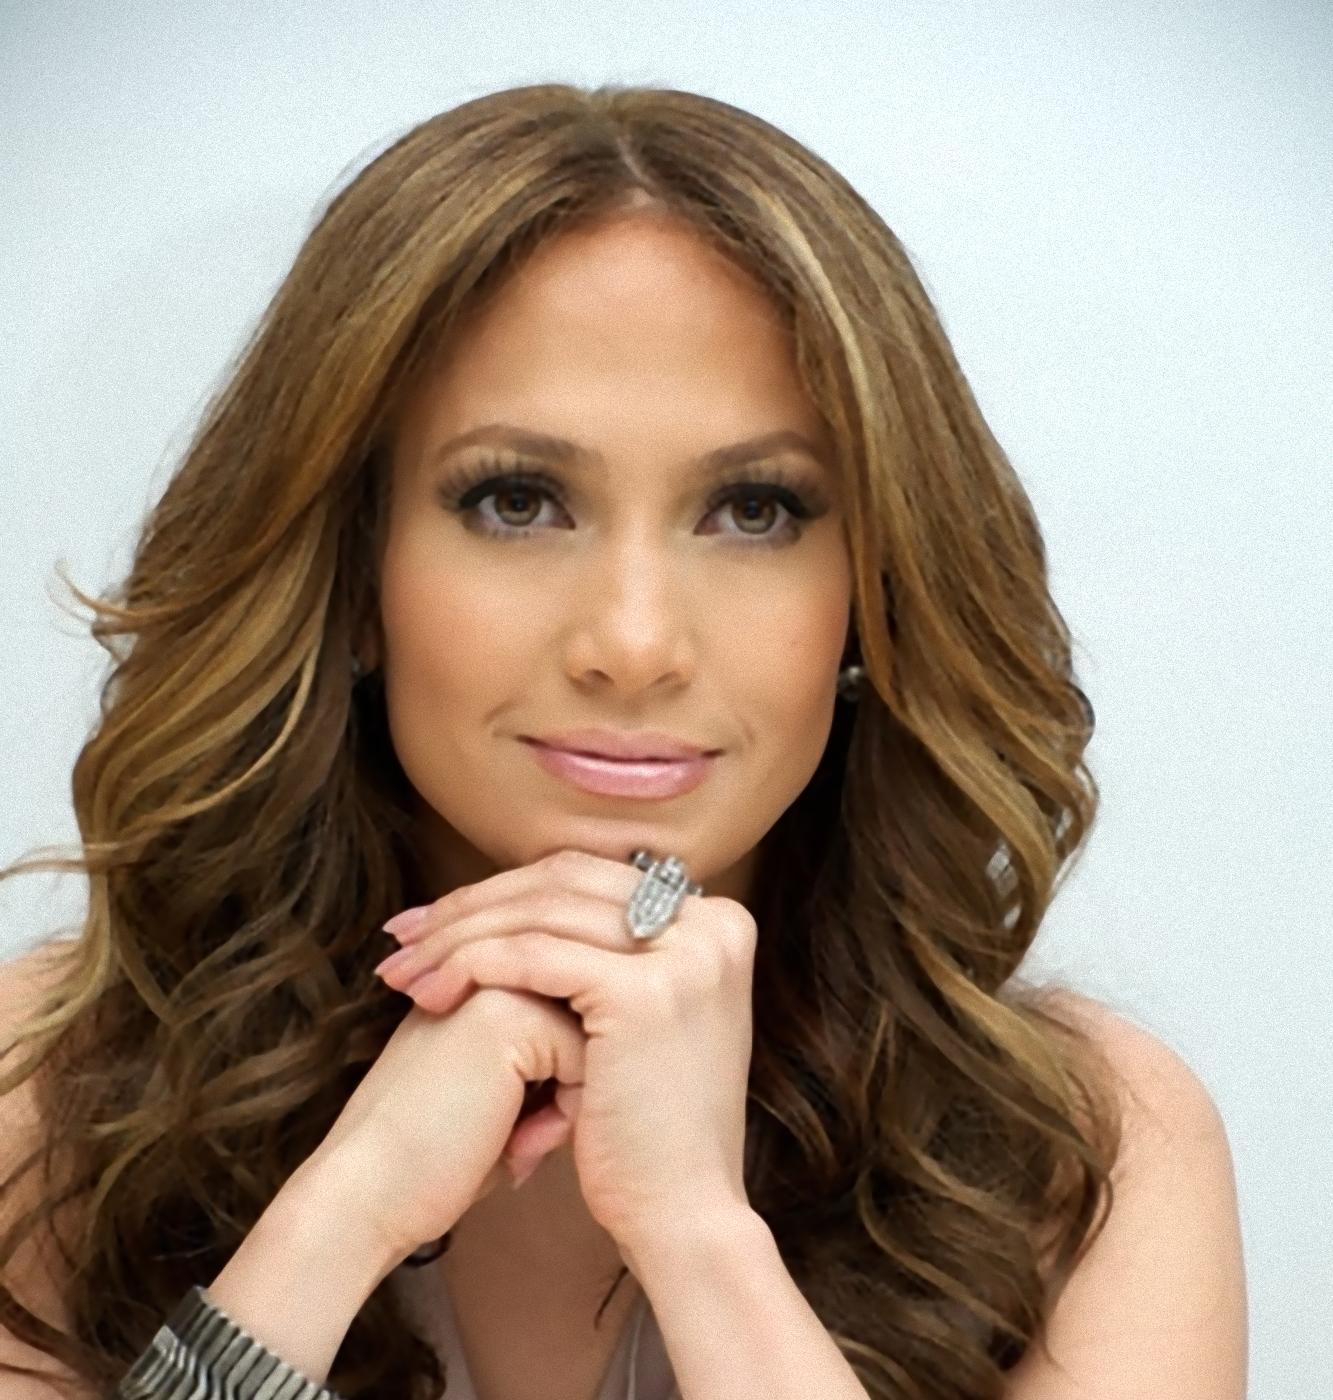 http://2.bp.blogspot.com/-SAGRAG-wBqU/T_w0ckapBfI/AAAAAAAADmk/sMPWH29Iqos/s1600/Jennifer-+L%C3%B3pez+-planea+-una-+serie+-sobre-+lesbianas.jpg